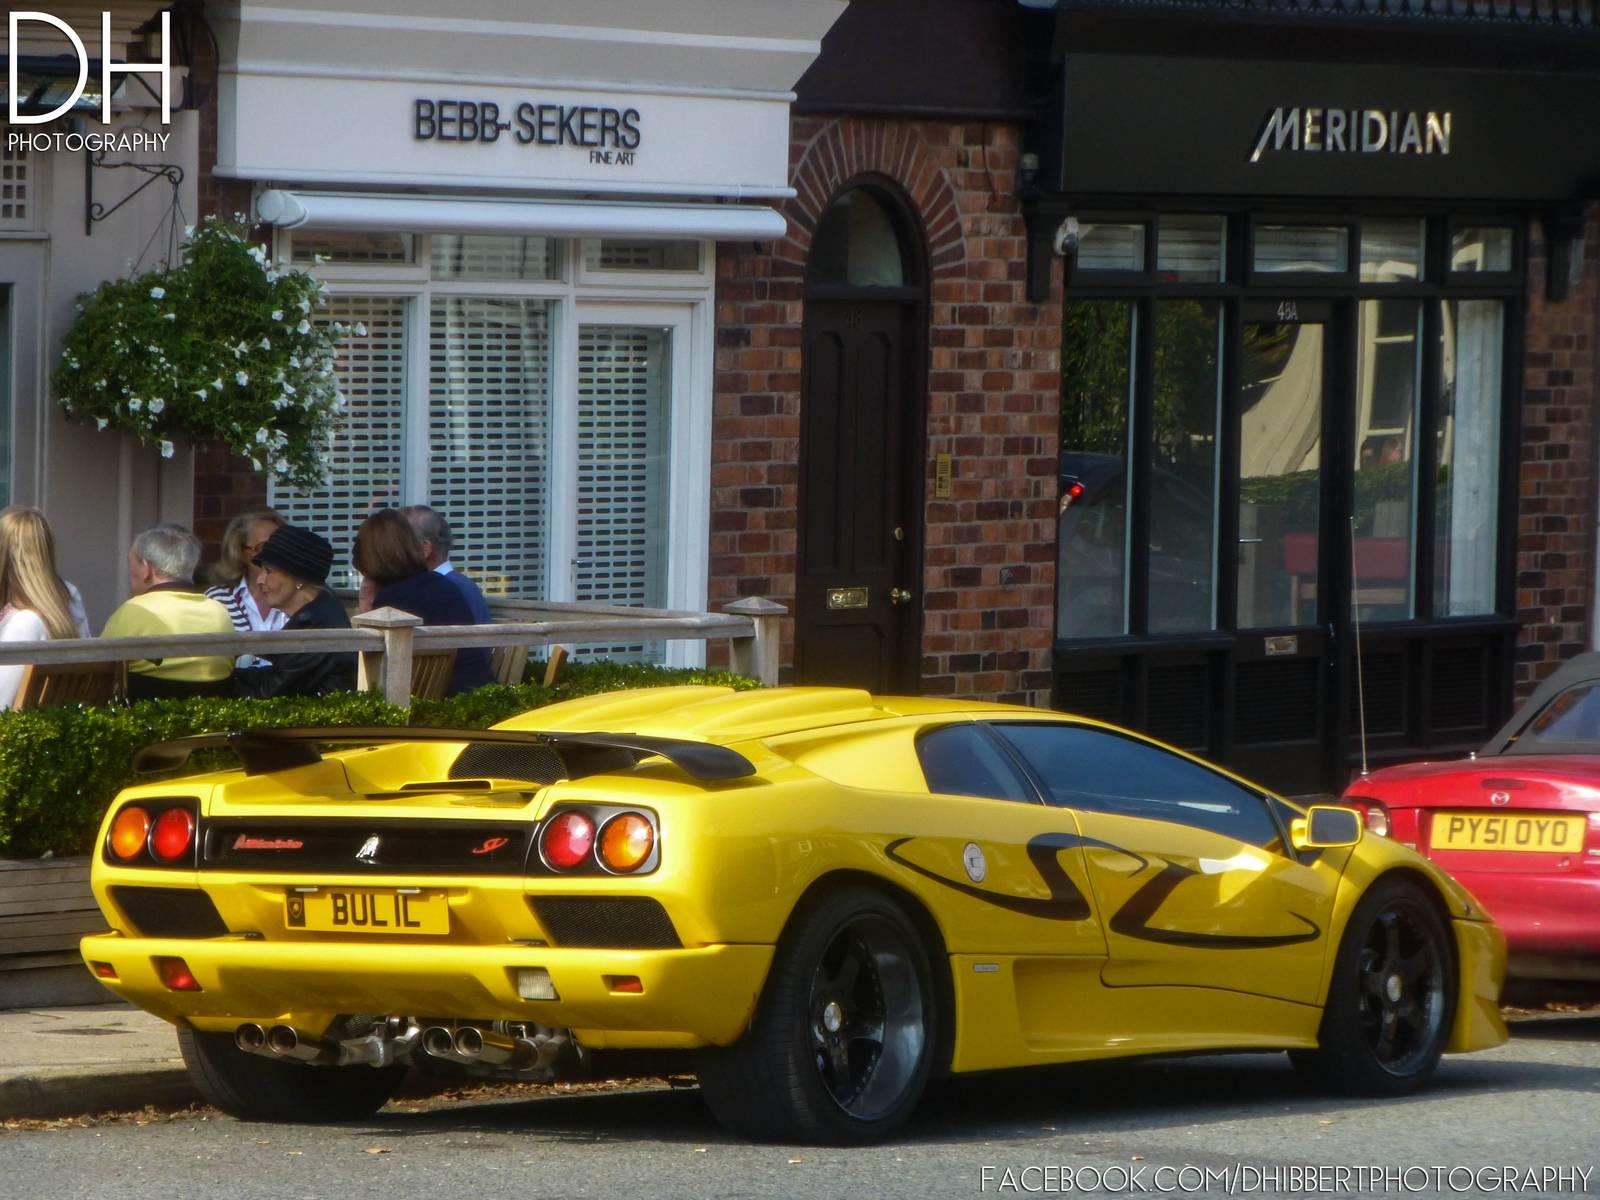 Giallo Orion Lamborghini Diablo Sv In Cheshire England Gtspirit